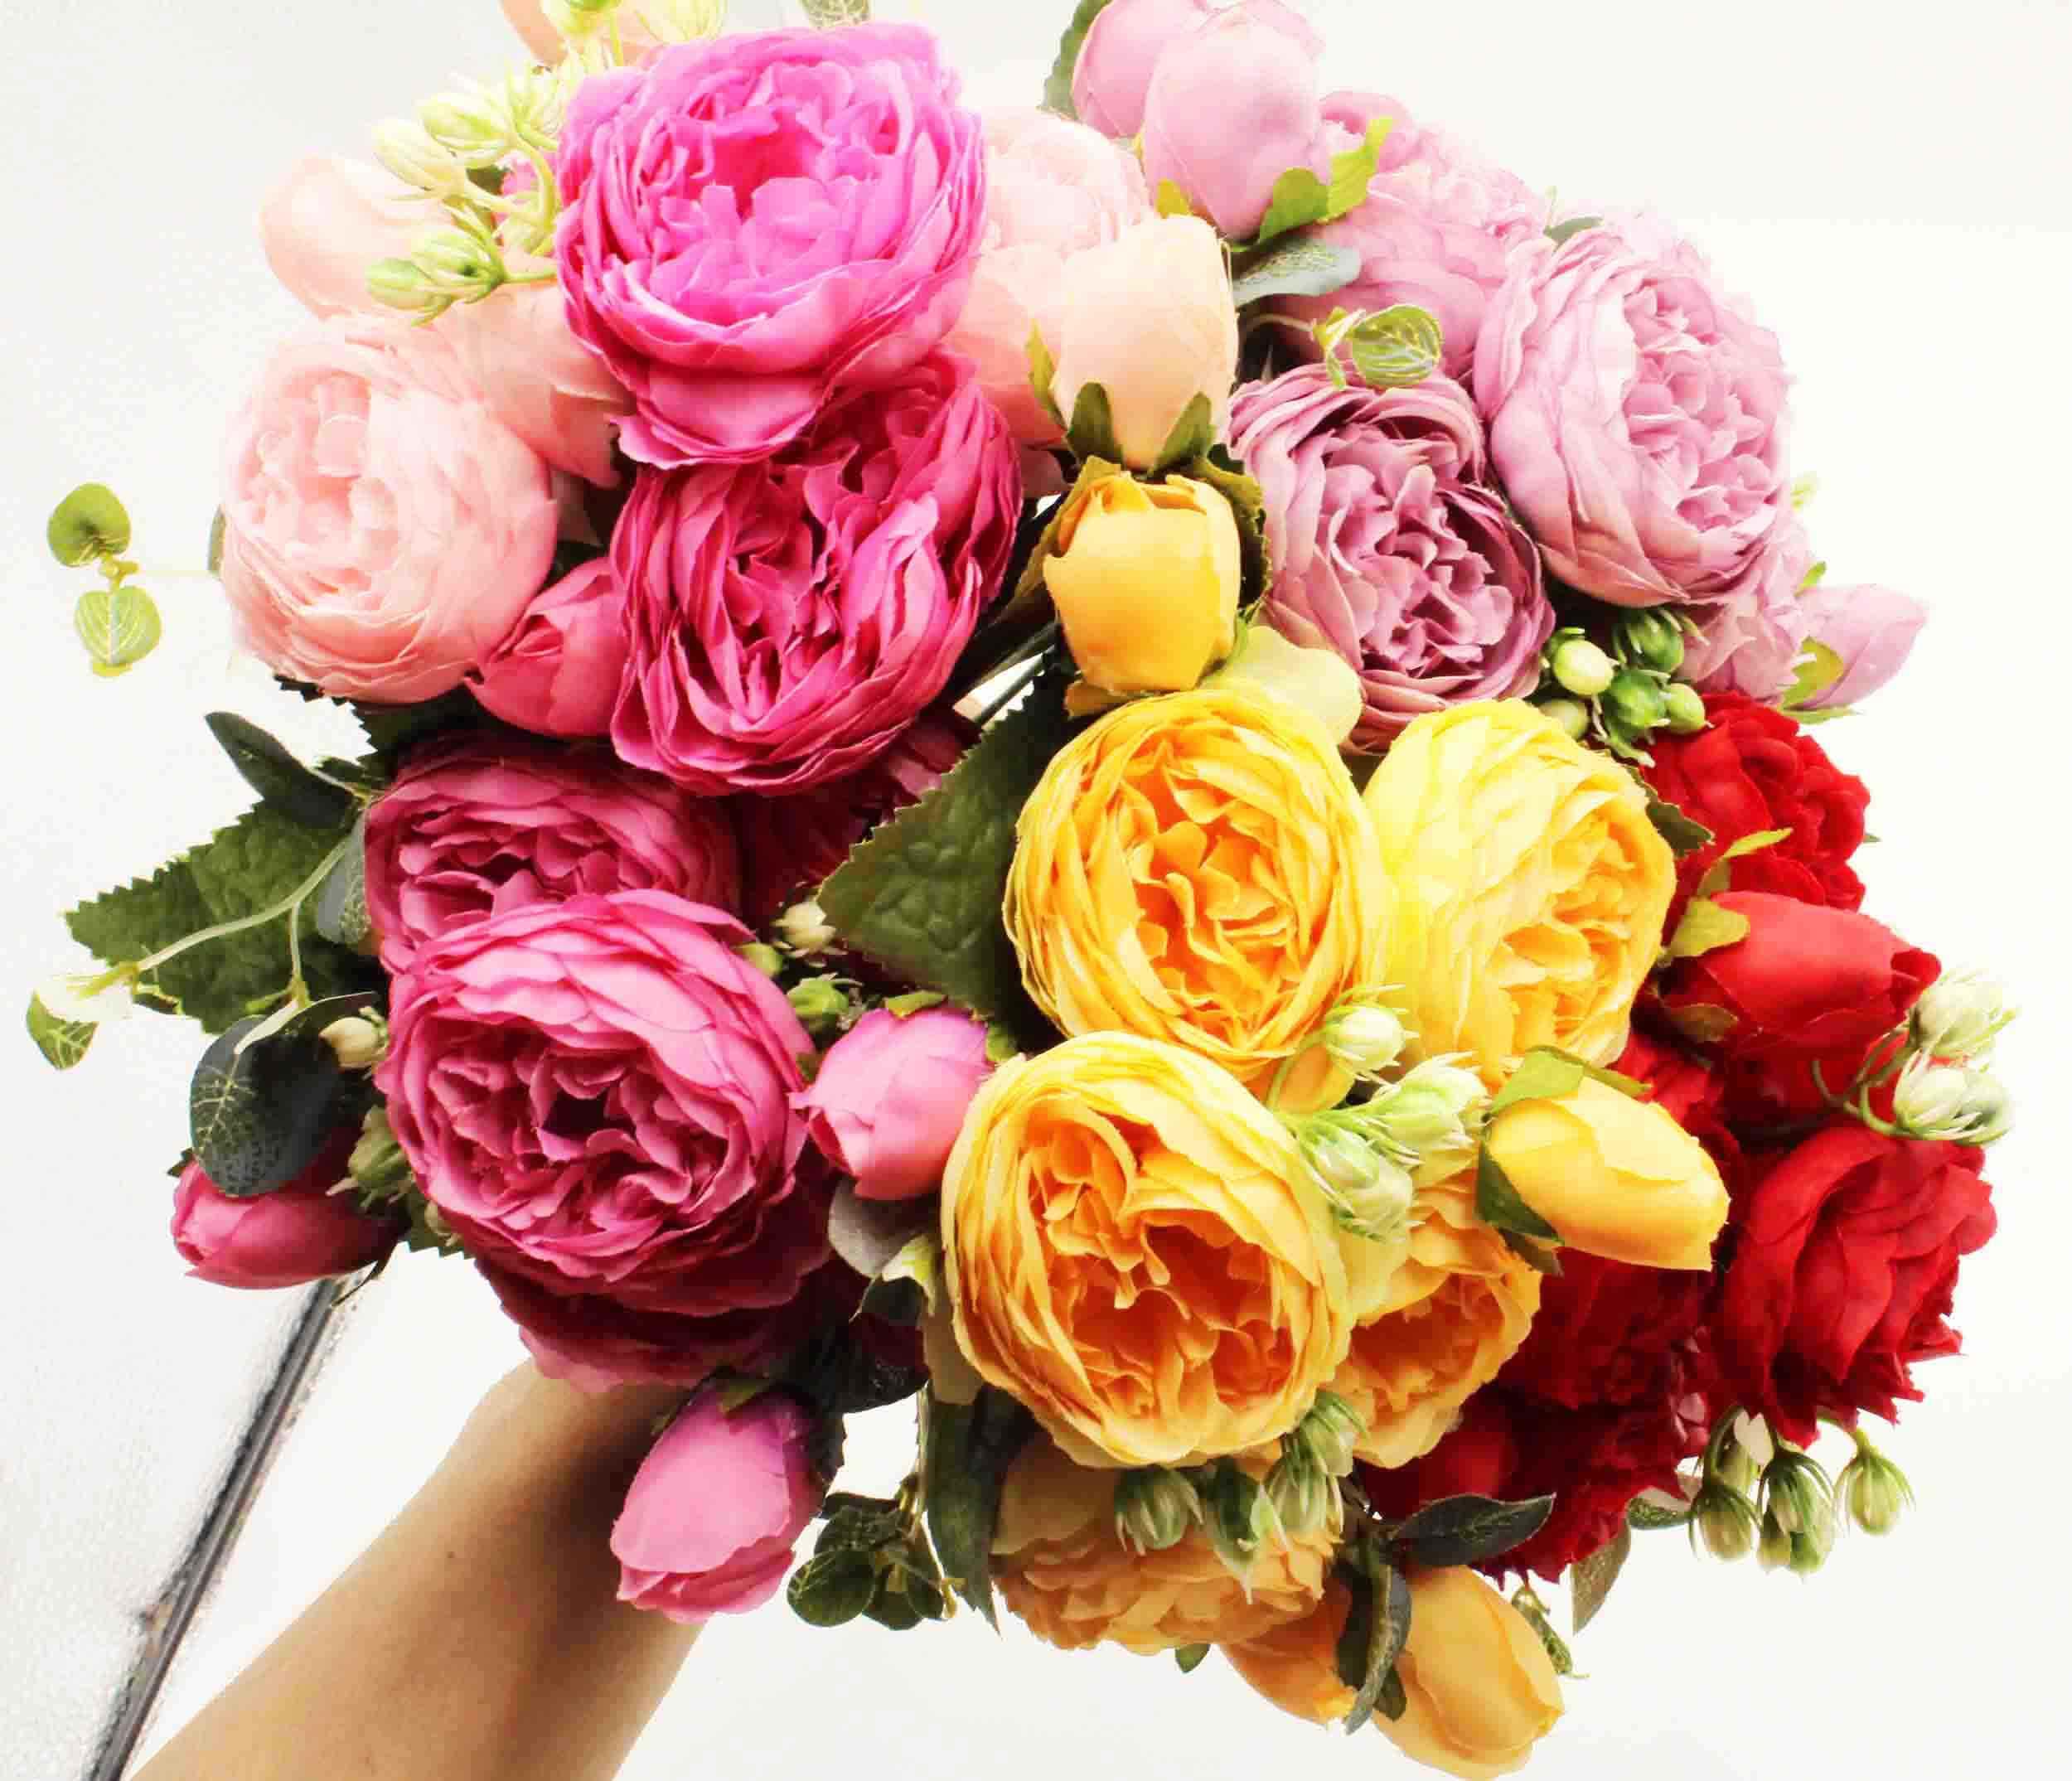 Popular ramo de peonía de seda artificial rosa de 30 cm, 5 cabezas grandes y 4 brotes de flores falsas para la decoración de la boda familiar en interiores